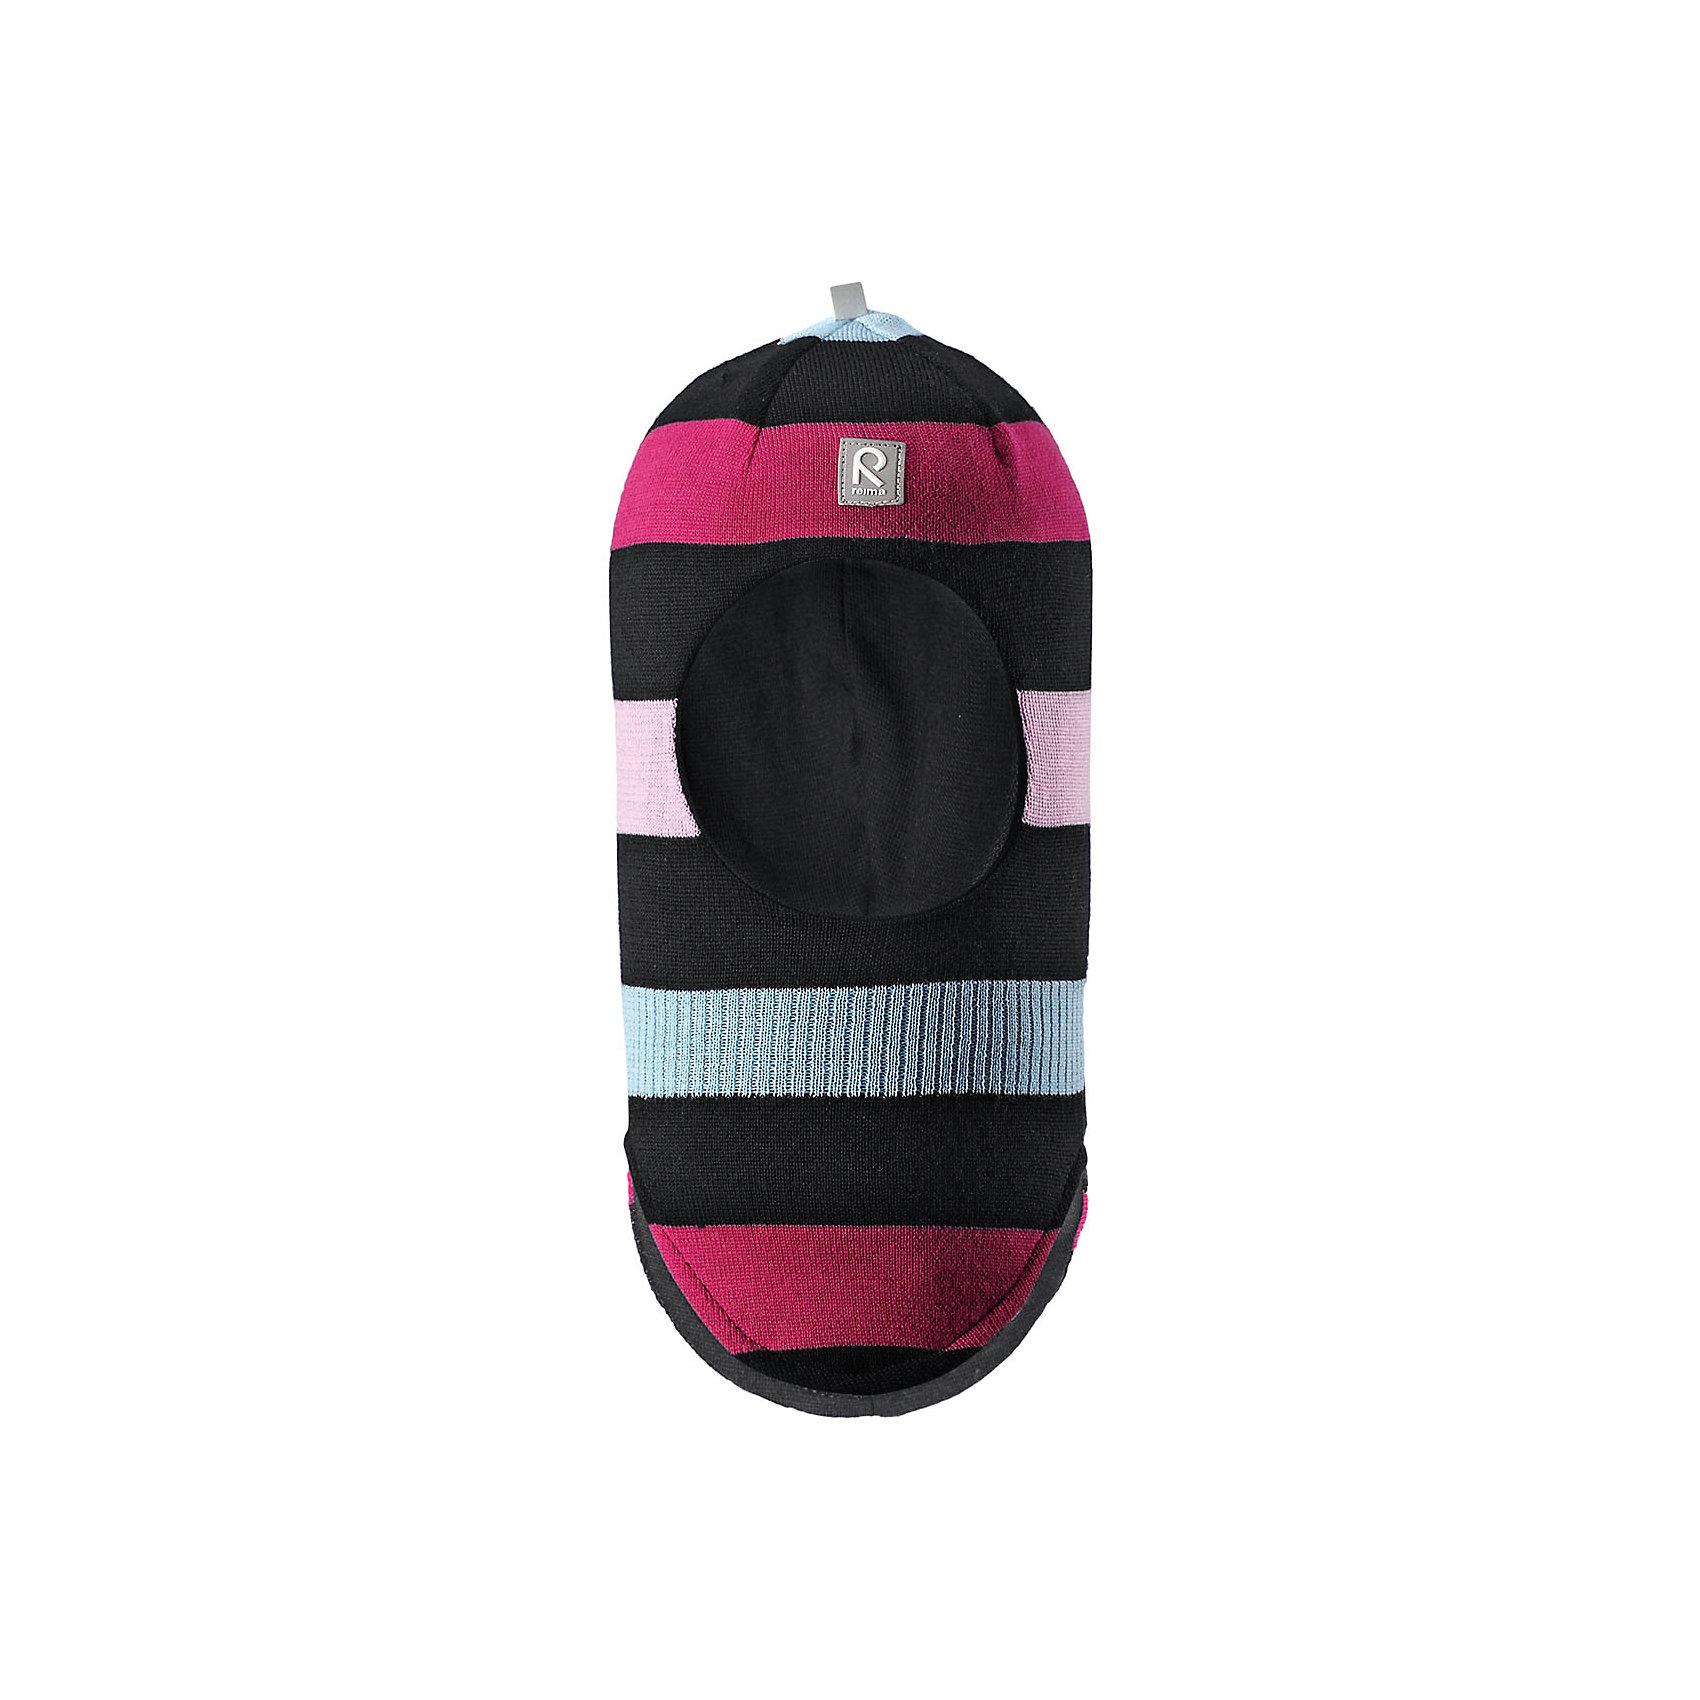 Шапка-шлем Reima StarrieШапки и шарфы<br>Характеристики товара:<br><br>• цвет: черный/розовый;<br>• состав: 100% шерсть;<br>• подкладка: 97% хлопок, 3% эластан<br>• температурный режим: от 0 до -20С;<br>• сезон: зима; <br>• особенности модели: вязаная, на подкладке;<br>• мягкая ткань из мериносовой шерсти для поддержания идеальной температуры тела;<br>• сплошная подкладка: хлопковый трикотаж с эластаном;<br>• ветронепроницаемые вставки в области ушей;<br>• светоотражающая эмблема;<br>• логотип Reima спереди;<br>• страна бренда: Финляндия;<br>• страна изготовитель: Китай.<br><br>Вязаная шапка-шлем в полоску из коллекции Reima® Originals защищает голову малыша в холодную пору. Эта шапка-шлем для малышей и детей постарше связана из теплой шерсти и подшита мягкой на ощупь подкладкой из смеси хлопка и эластана, которая удобно облегает голову.<br><br>Ветронепроницаемые вставки в области ушей, вшитые между подкладкой и верхним слоем, защищают ушки от холодного ветра. Эта классическая модель хорошо закрывает лоб, щечки и шею. <br><br>Шапка-шлем Reima Starrie от финского бренда Reima (Рейма) можно купить в нашем интернет-магазине.<br><br>Ширина мм: 89<br>Глубина мм: 117<br>Высота мм: 44<br>Вес г: 155<br>Цвет: черный<br>Возраст от месяцев: 9<br>Возраст до месяцев: 12<br>Пол: Унисекс<br>Возраст: Детский<br>Размер: 46,54,52,50,48<br>SKU: 6907030